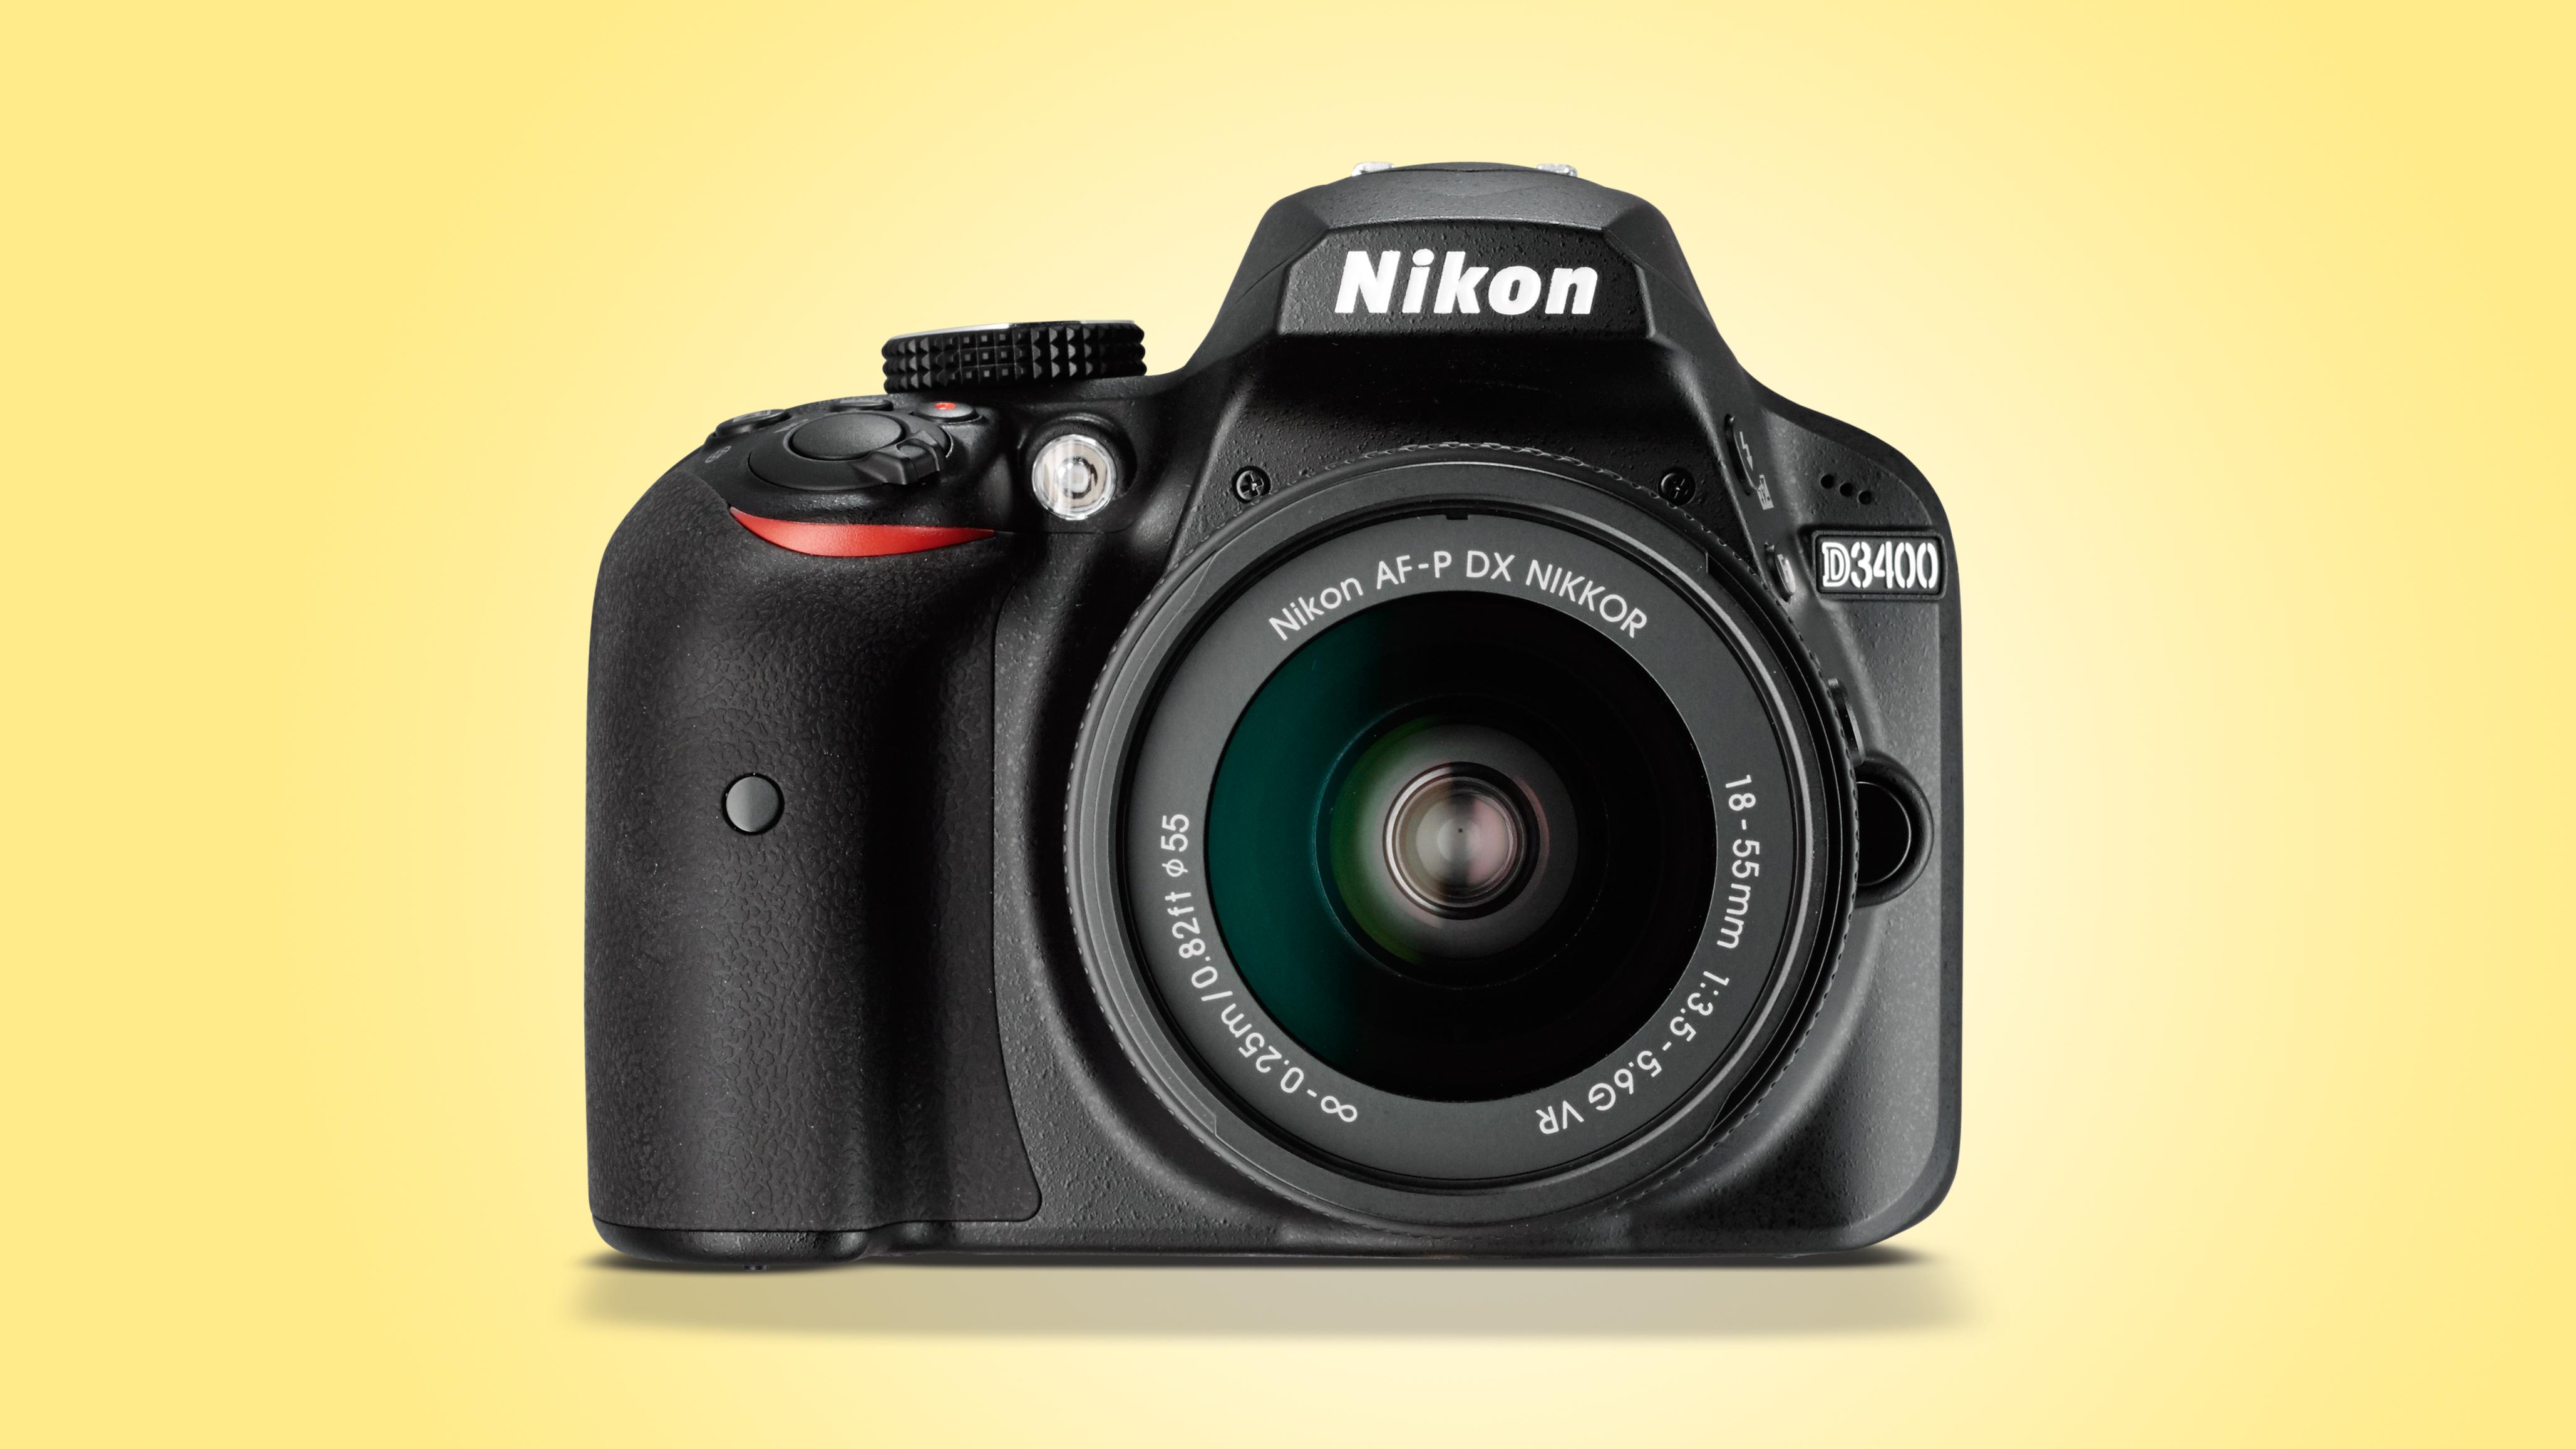 Nikon D3400 side